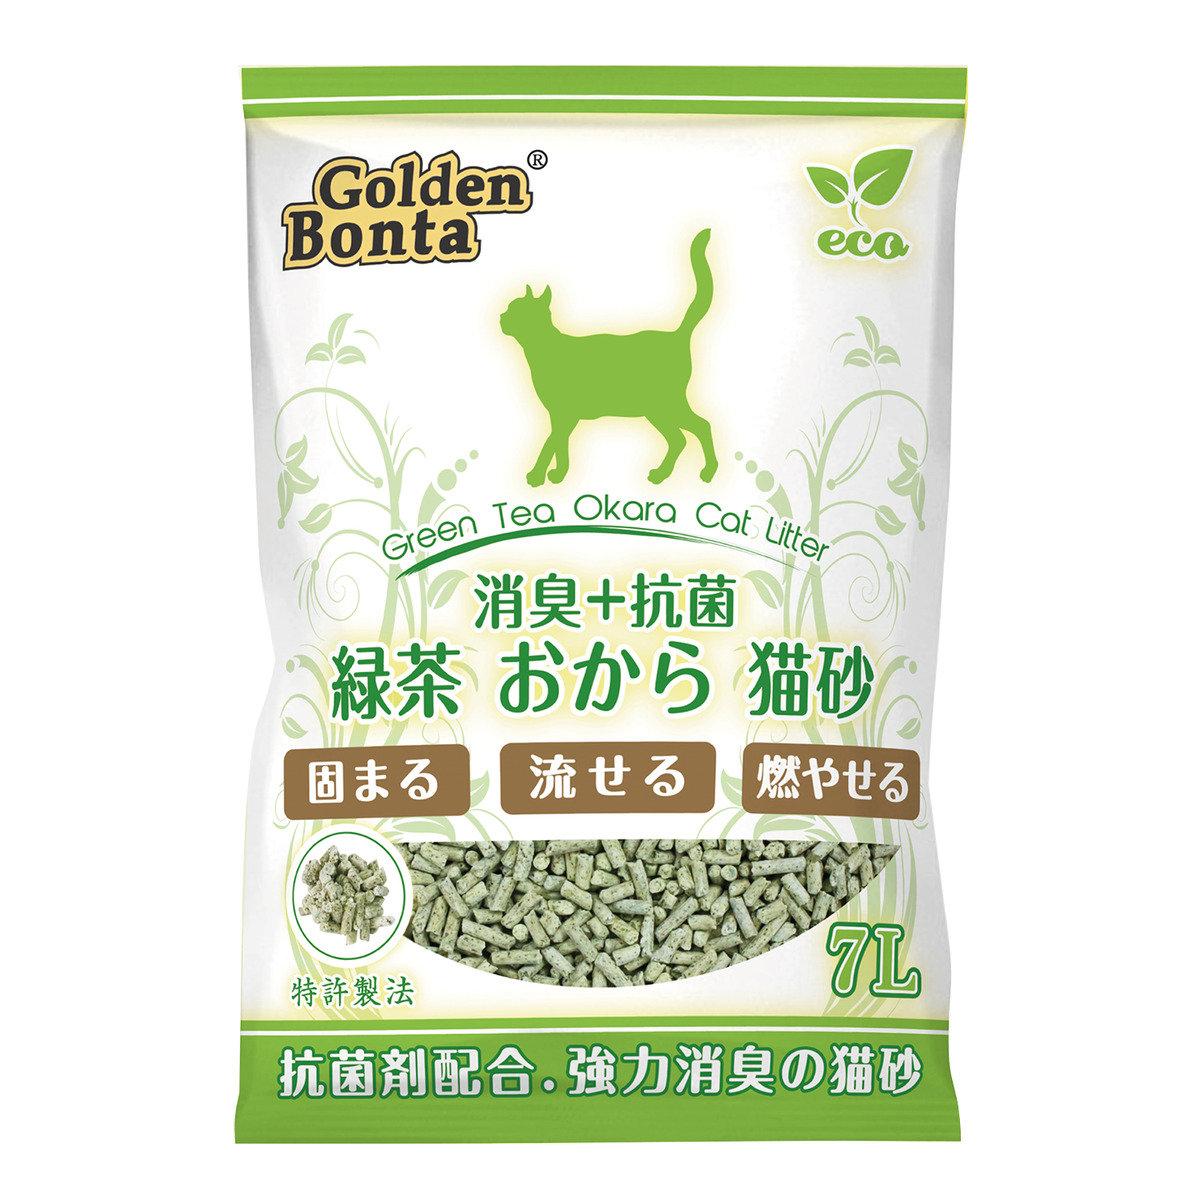 綠茶豆腐砂